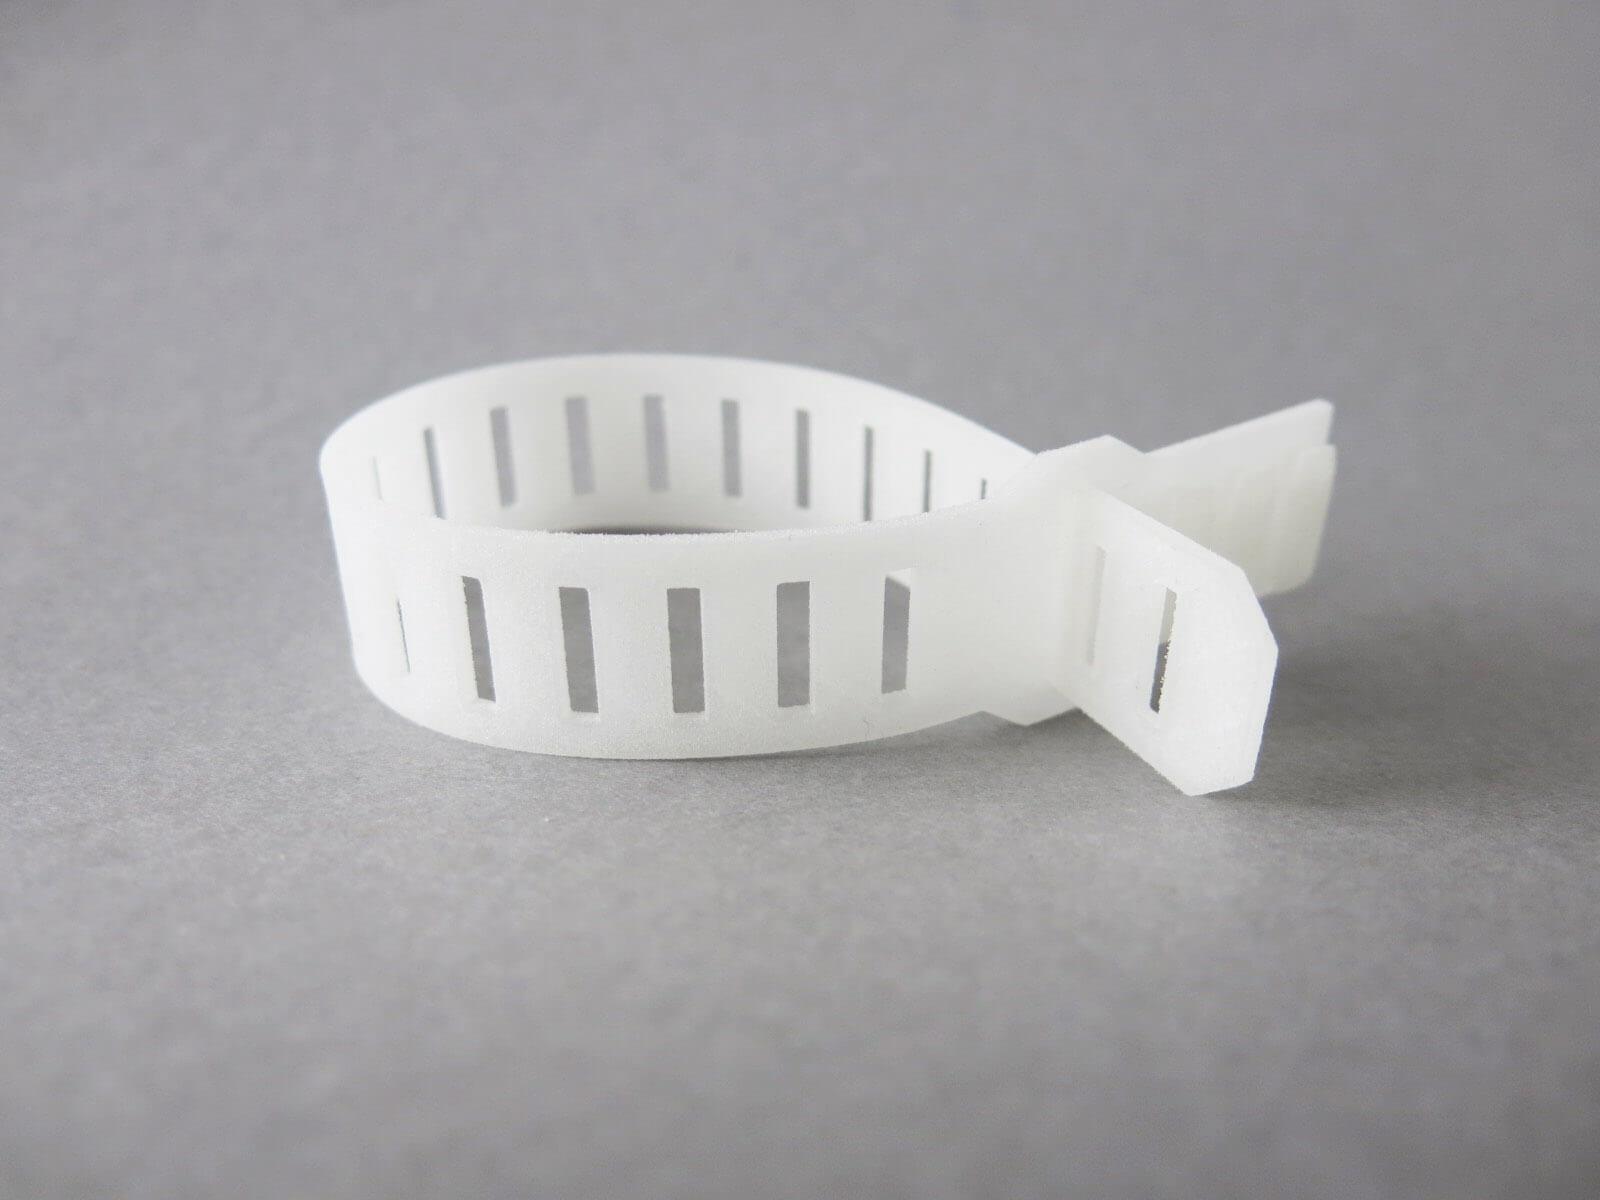 Flexible PEBA 2301 Plastics (SLS) 3d Printing